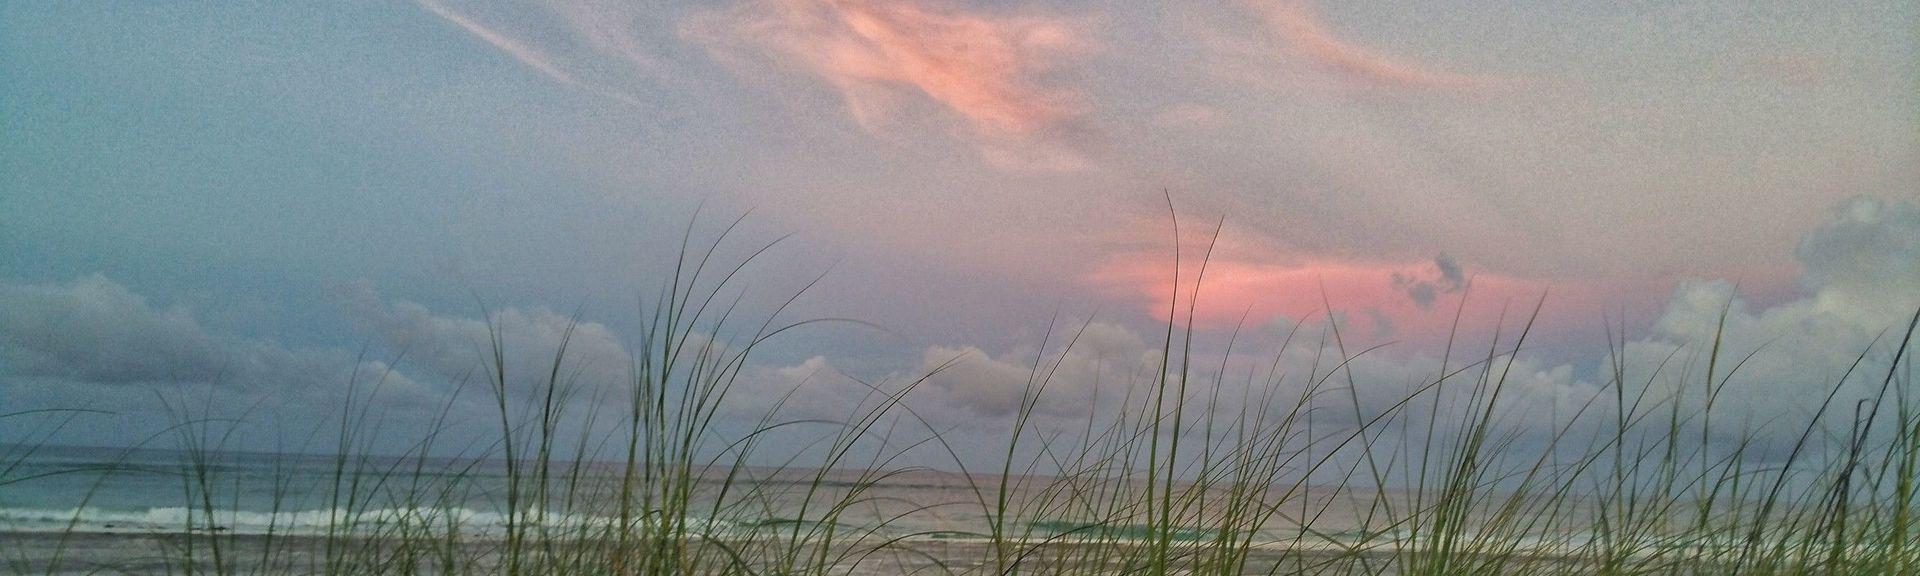 Parque estatal Grayton Beach, Santa Rosa Beach, Florida, Estados Unidos